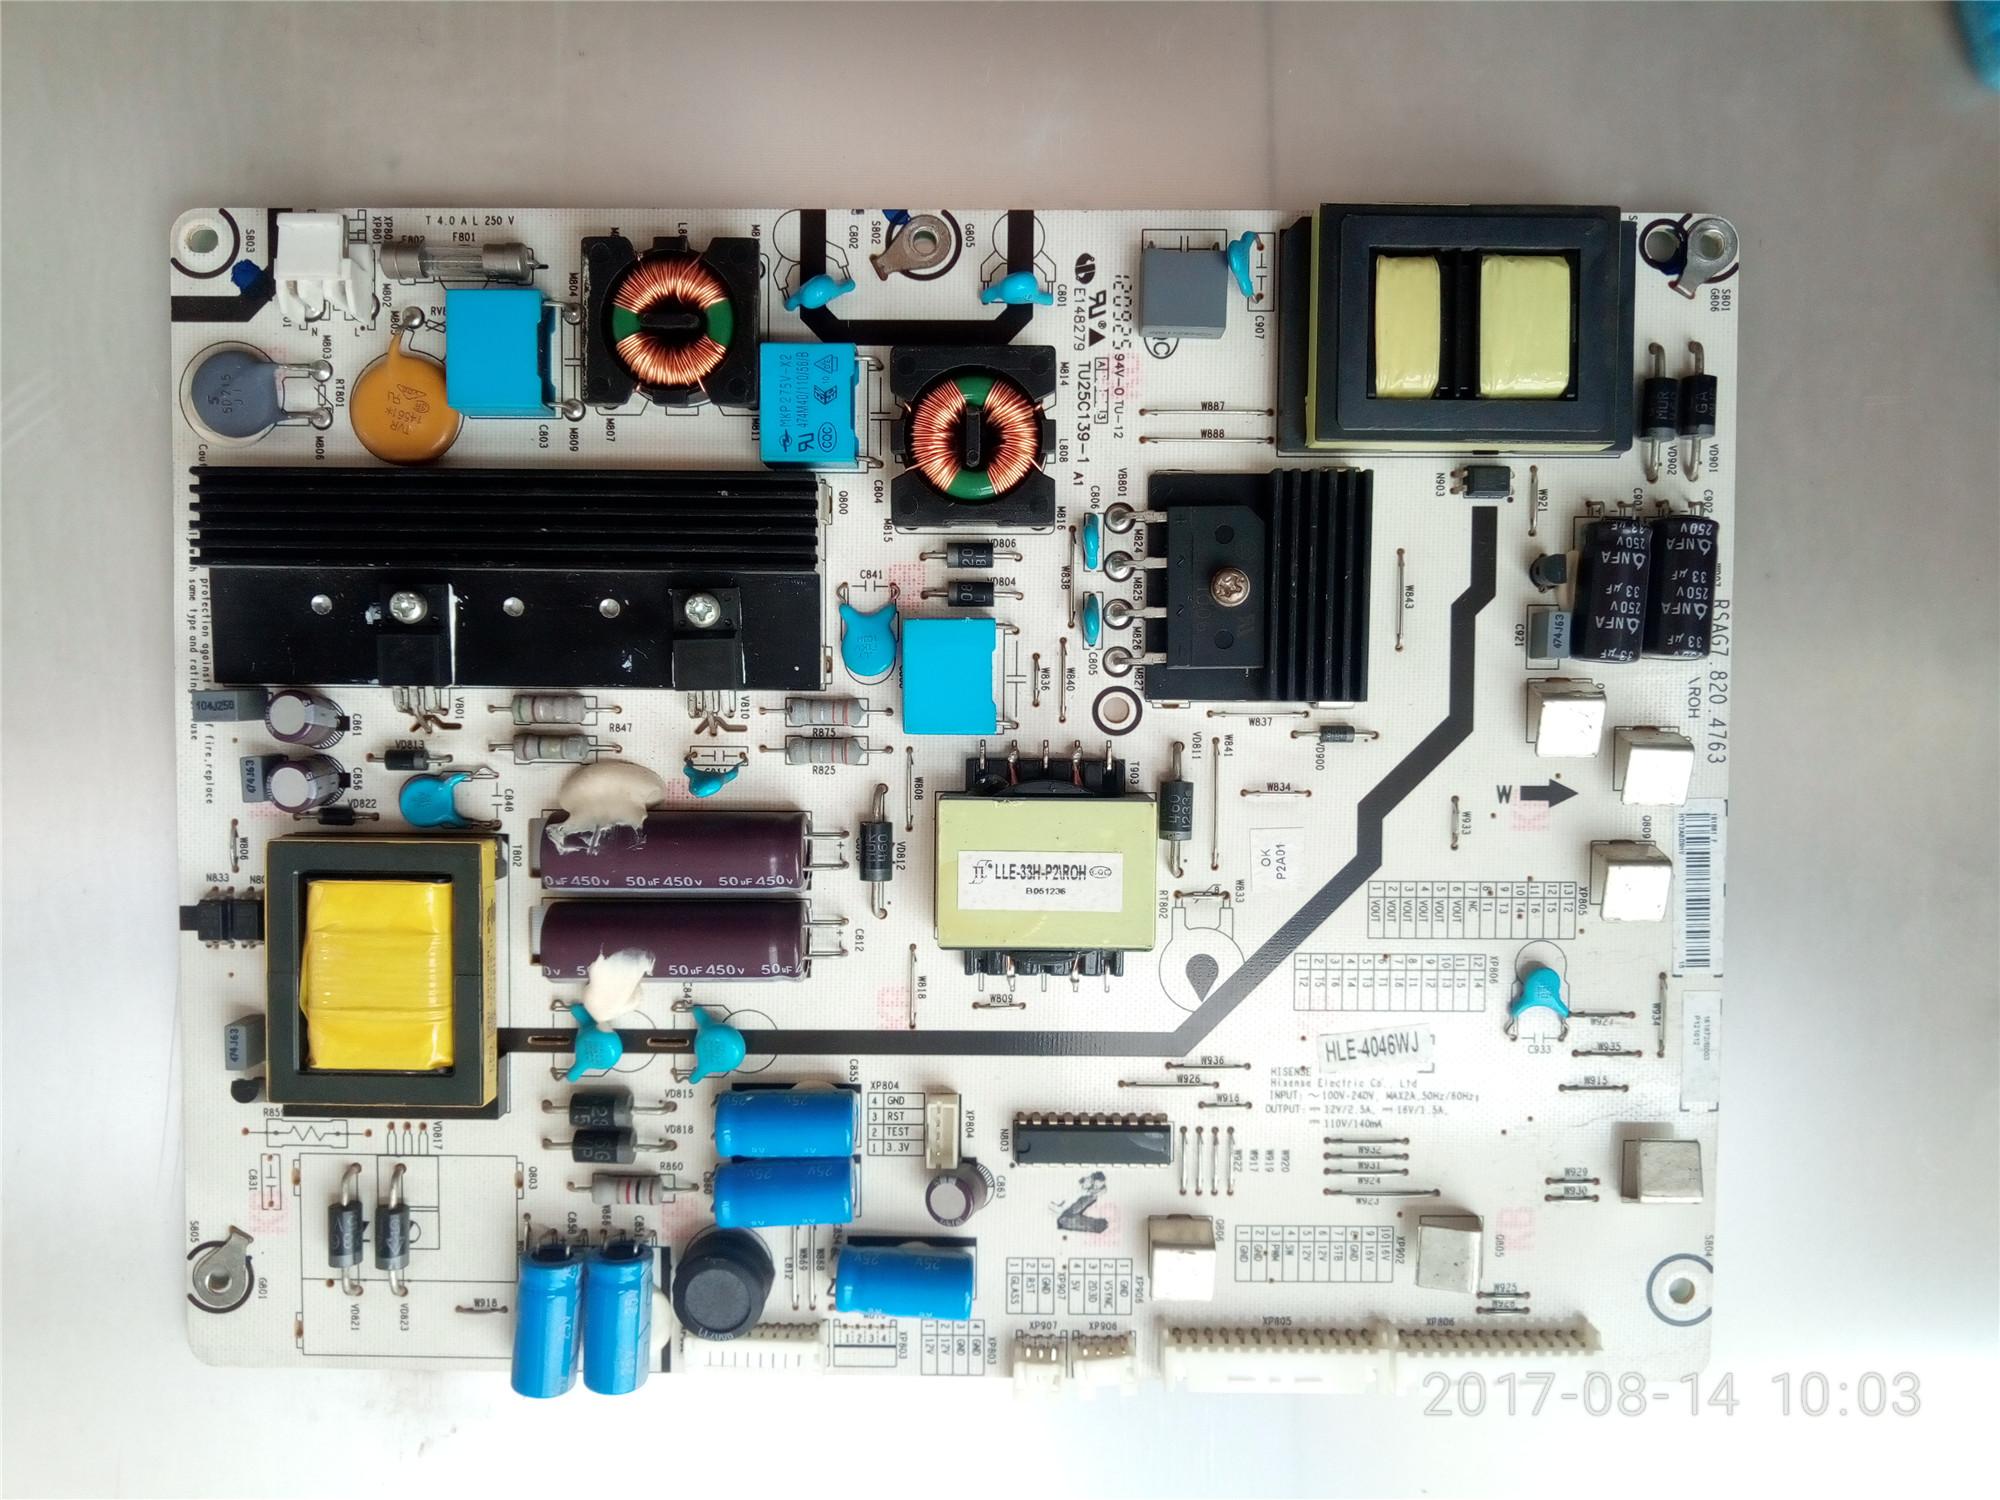 海信 LED42K610X3D42 치 액정 텔레비전 전원 보드 메인보드 되 고압 전기 보드 진 J0971